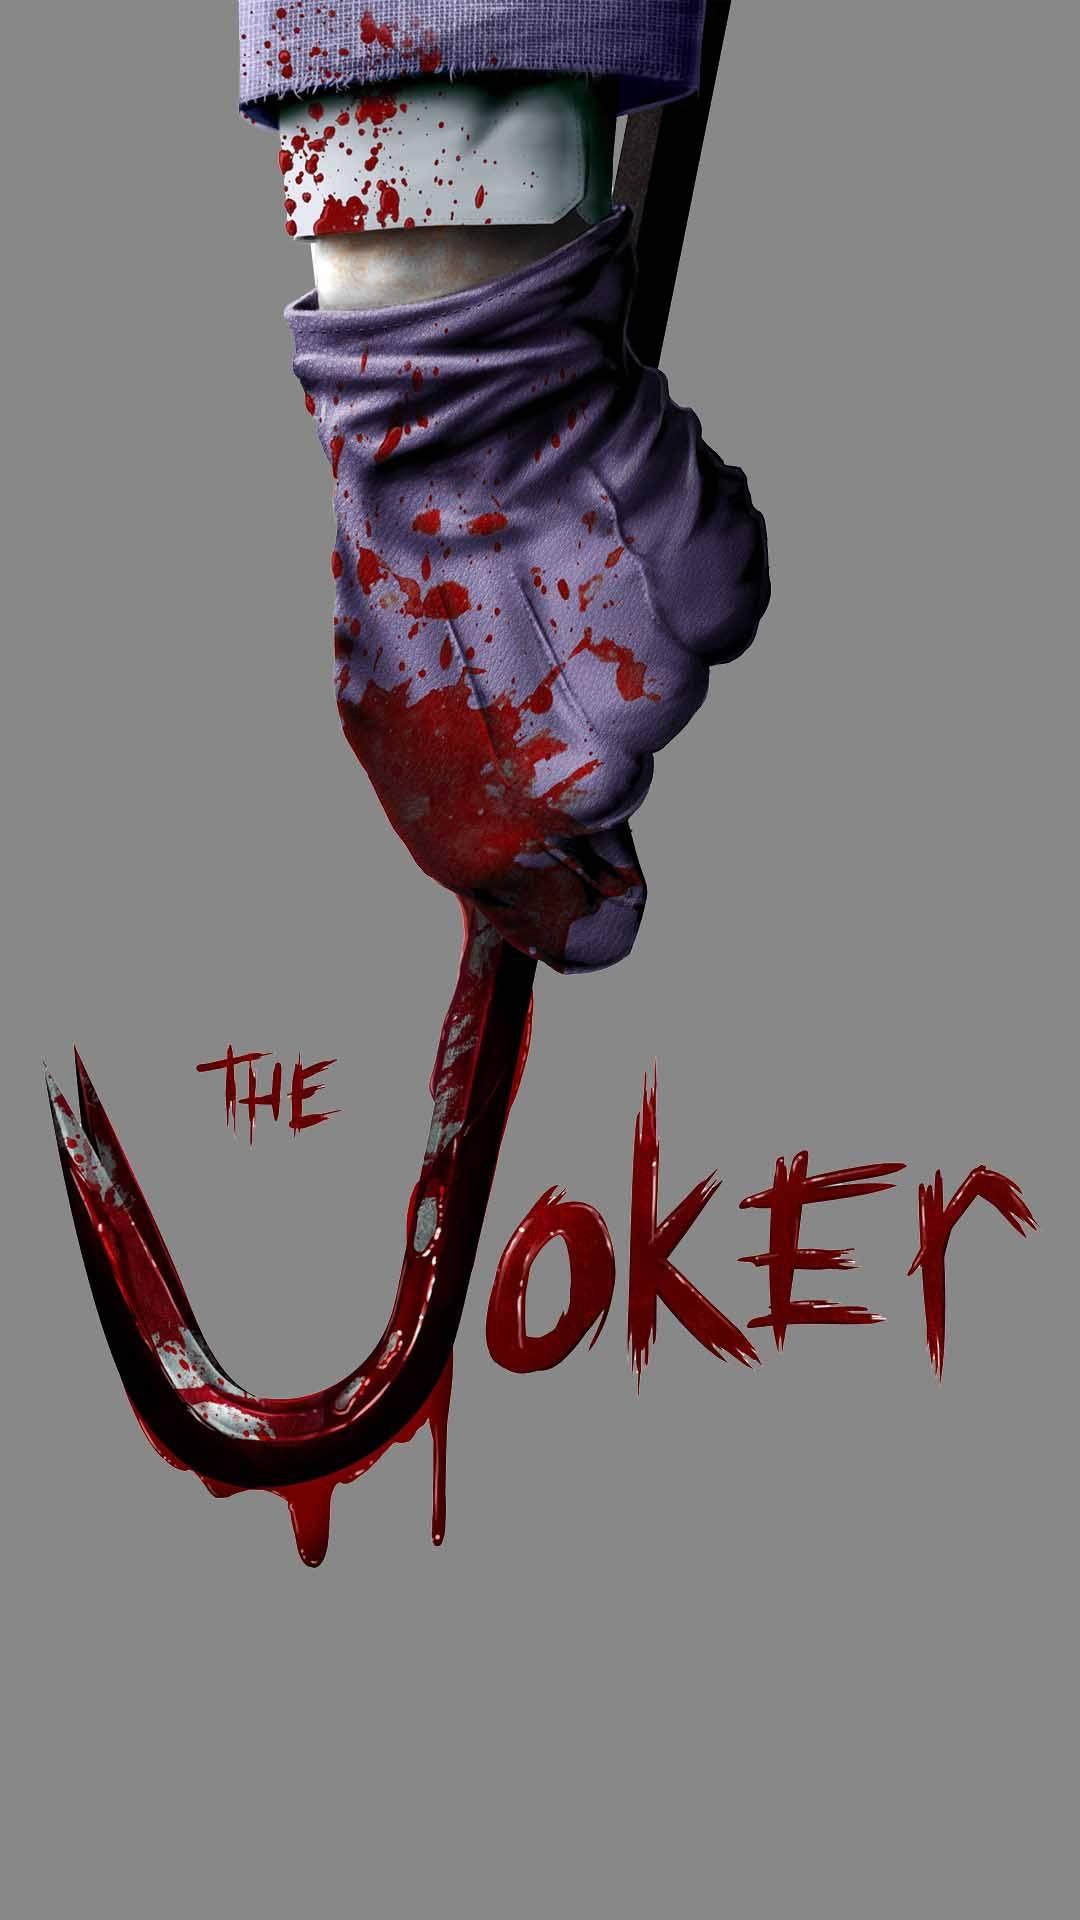 The Joker Blood iPhone Wallpaper